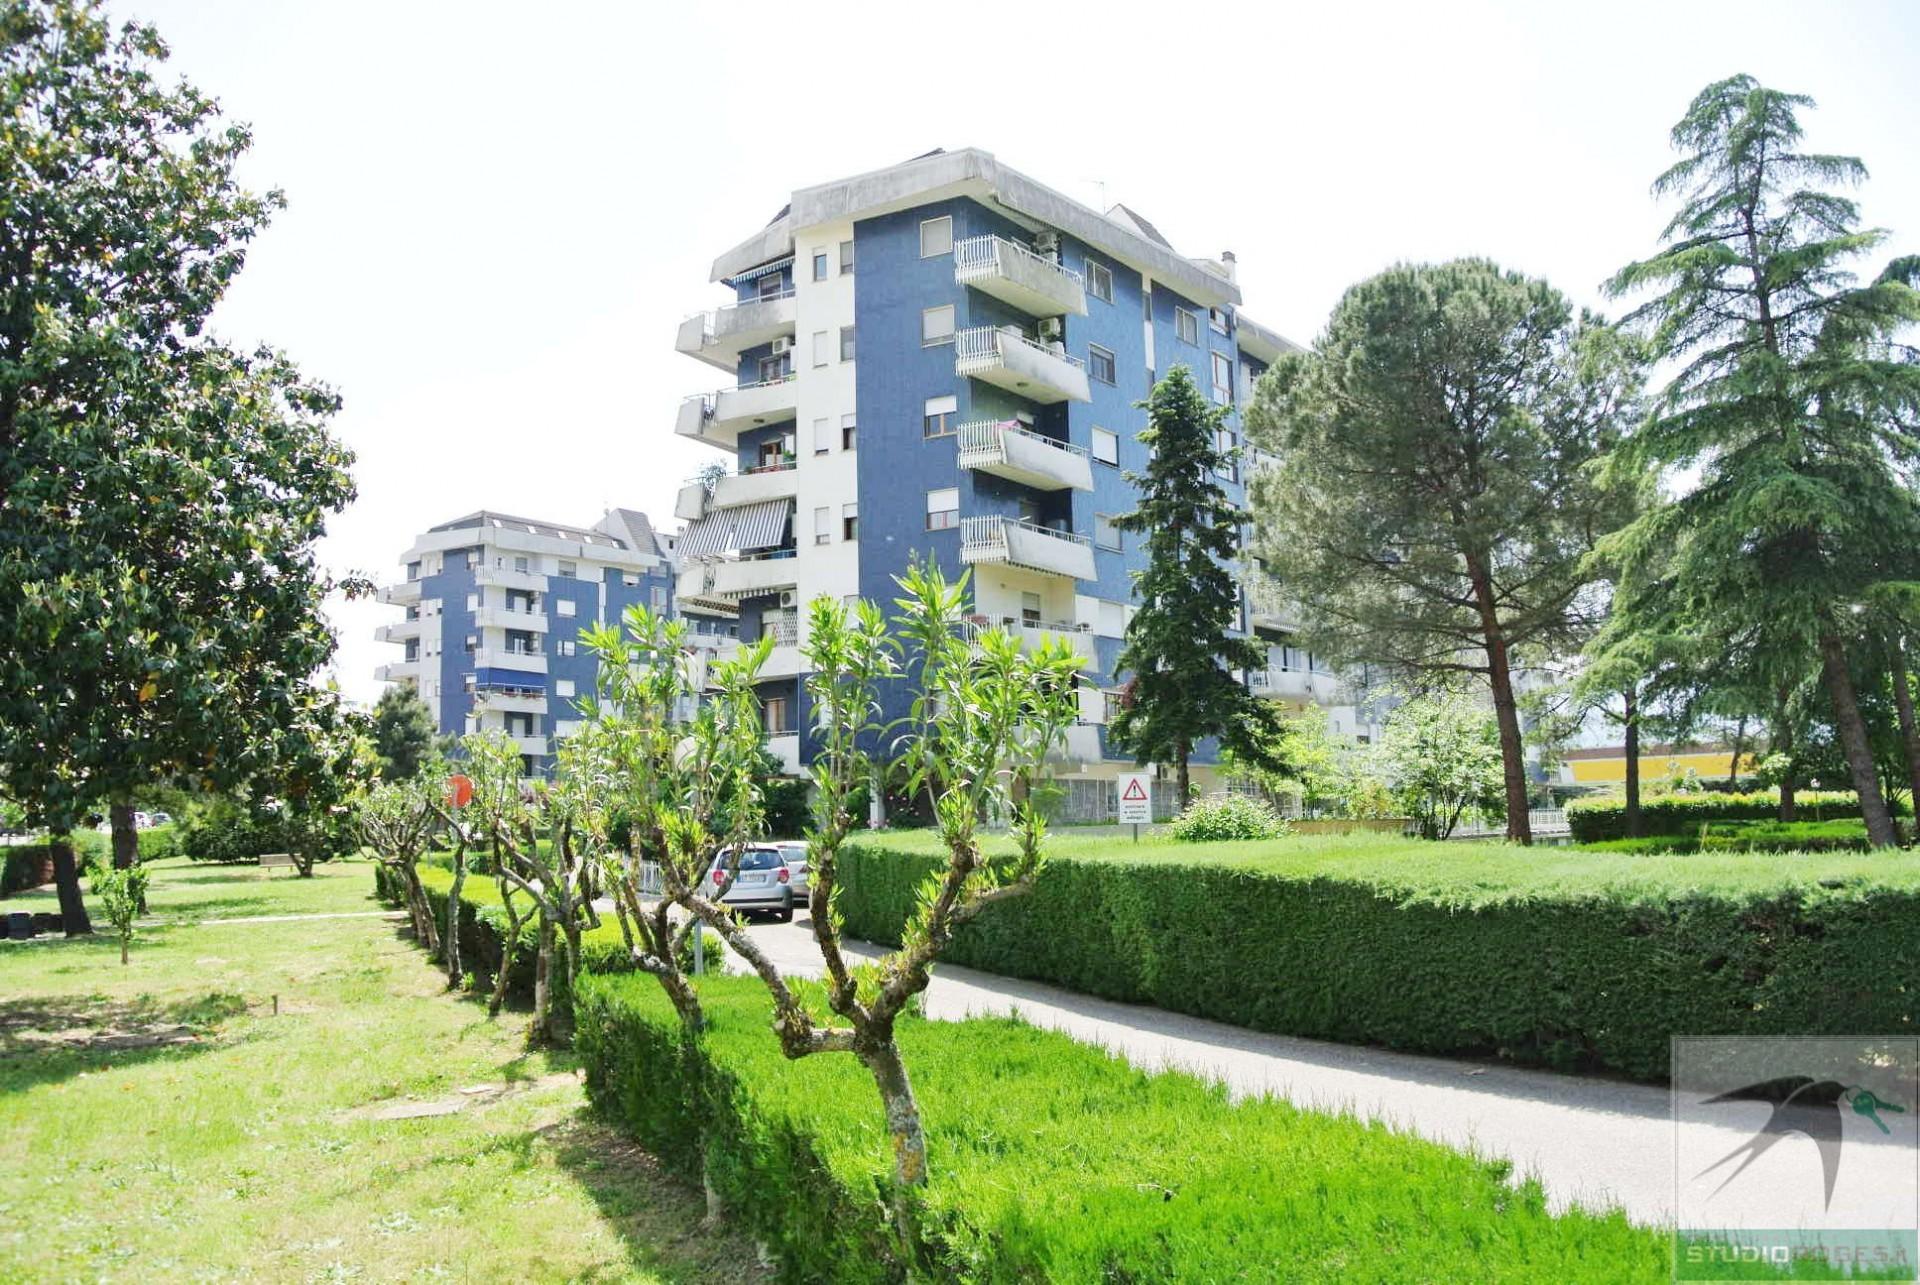 Appartamento in Affitto 93,62 mq - N. camere: 2 - - Rende - Quattromiglia-Viale dei giardini (CS)